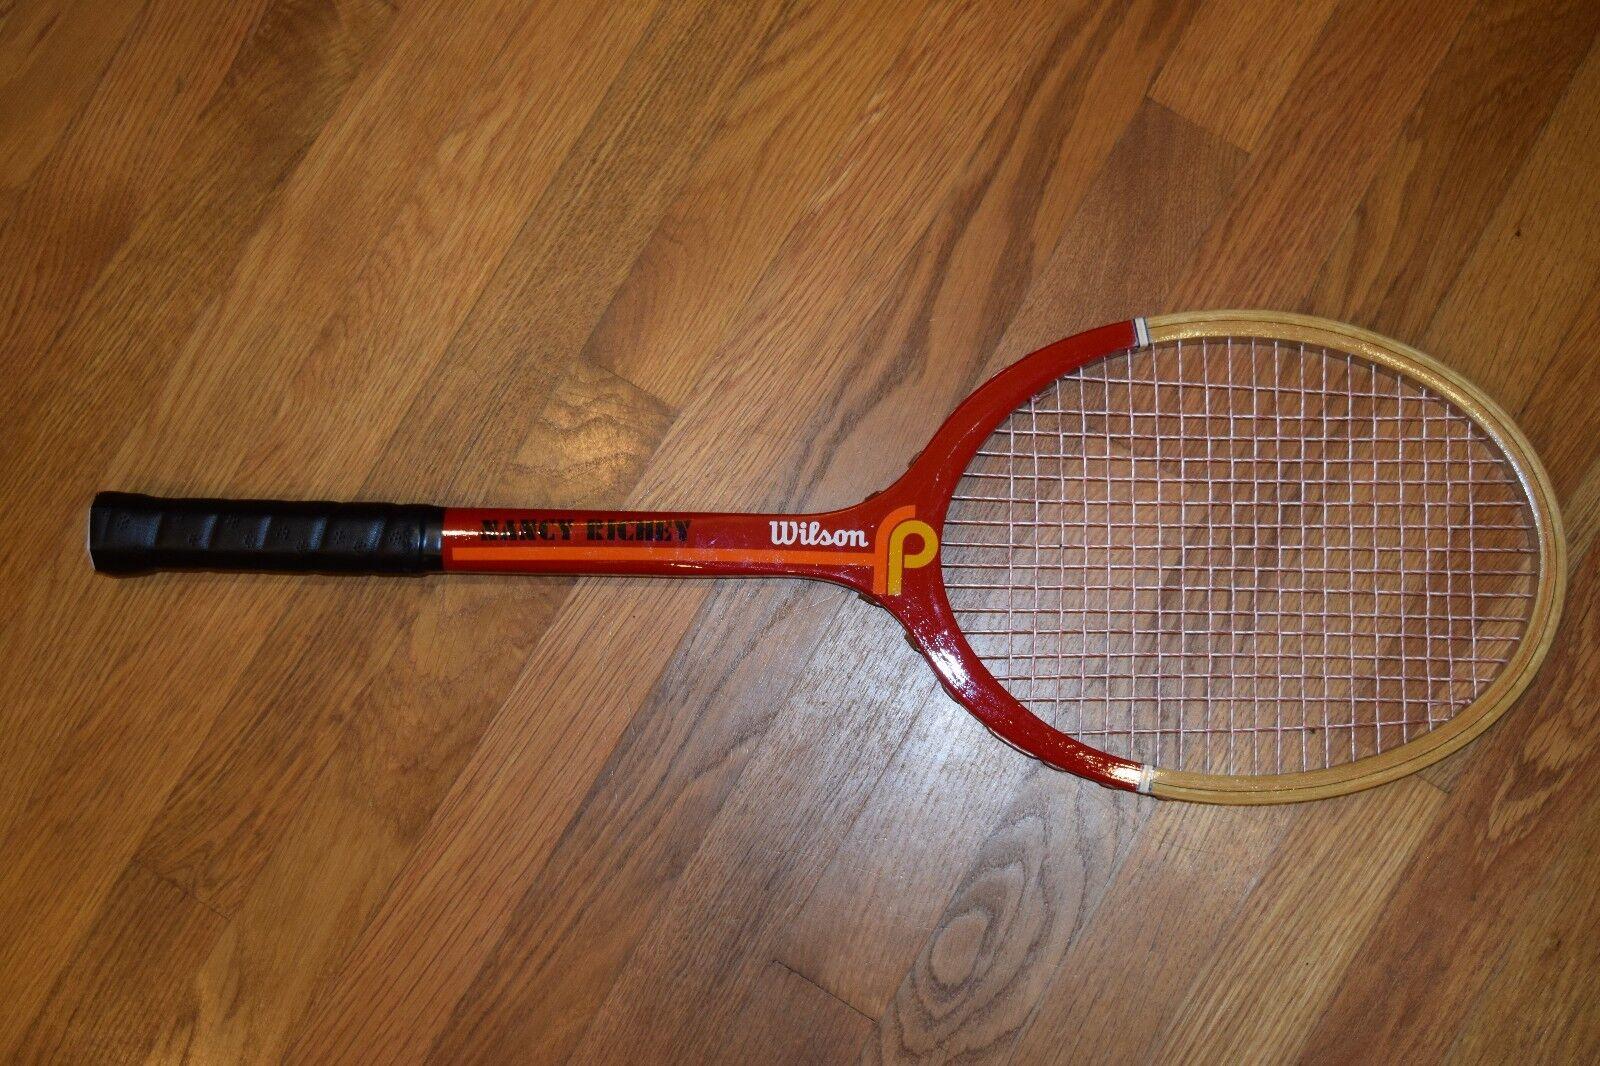 NOS NOS NOS Vintage Nancy Richey Wilson Racquet fefc25